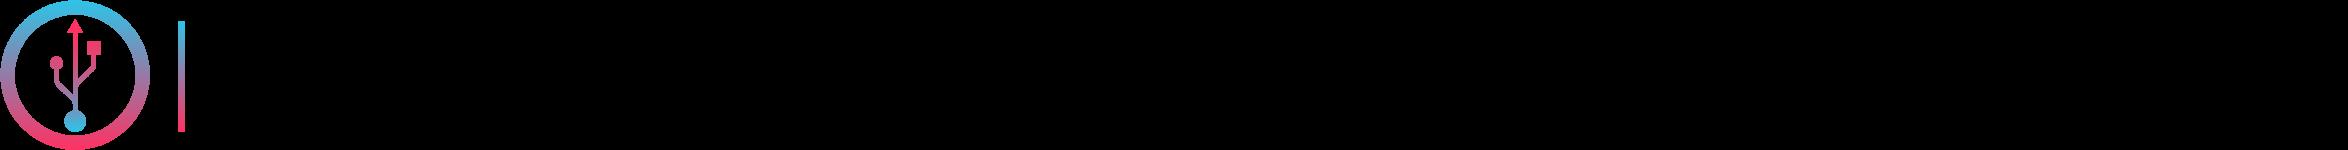 Logo de Le laboratoire numérique - Classe en ligne